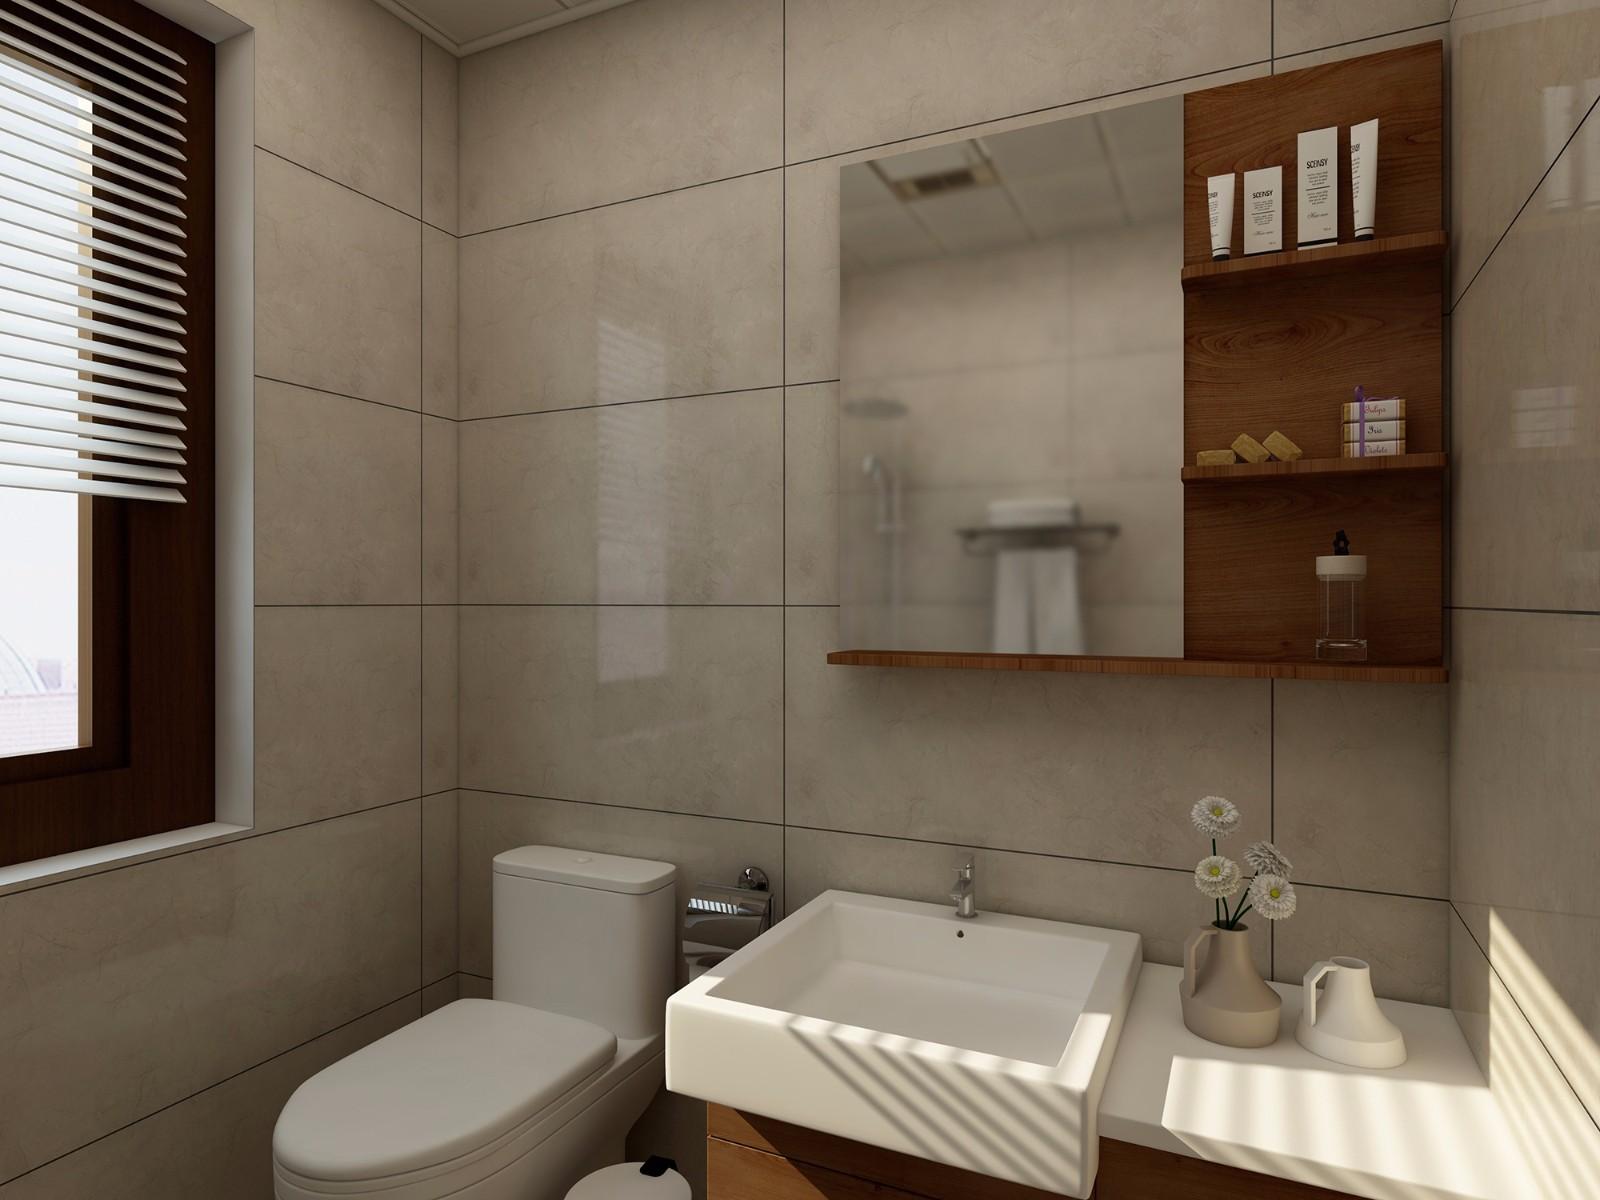 简约中式风格卫生间装修效果图